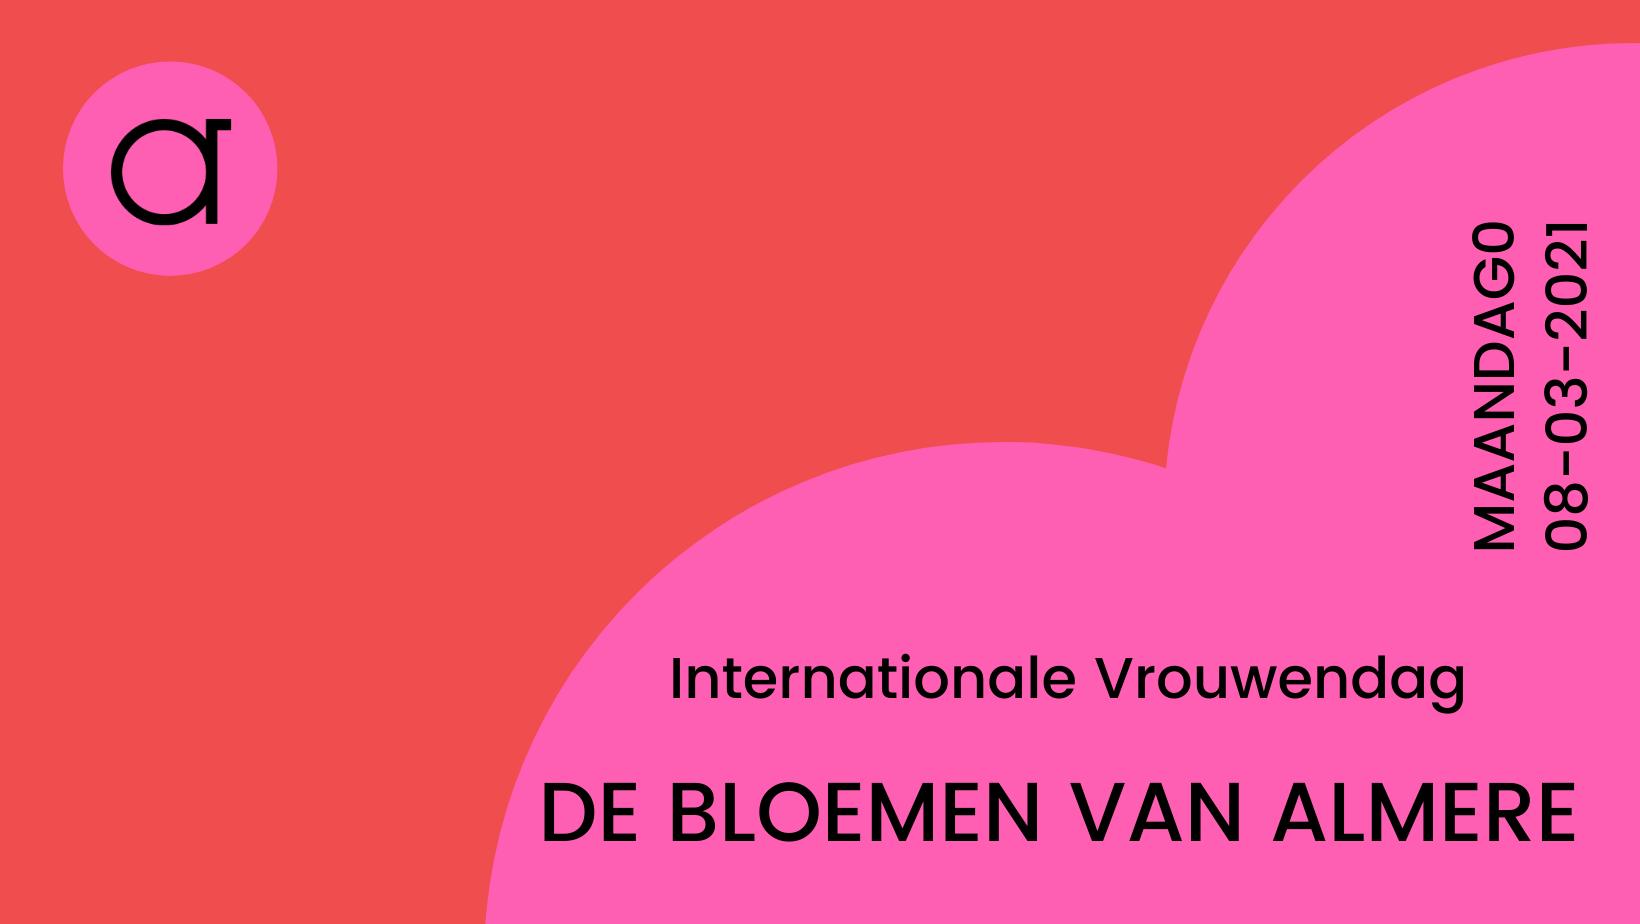 internationale vrouwendag almere